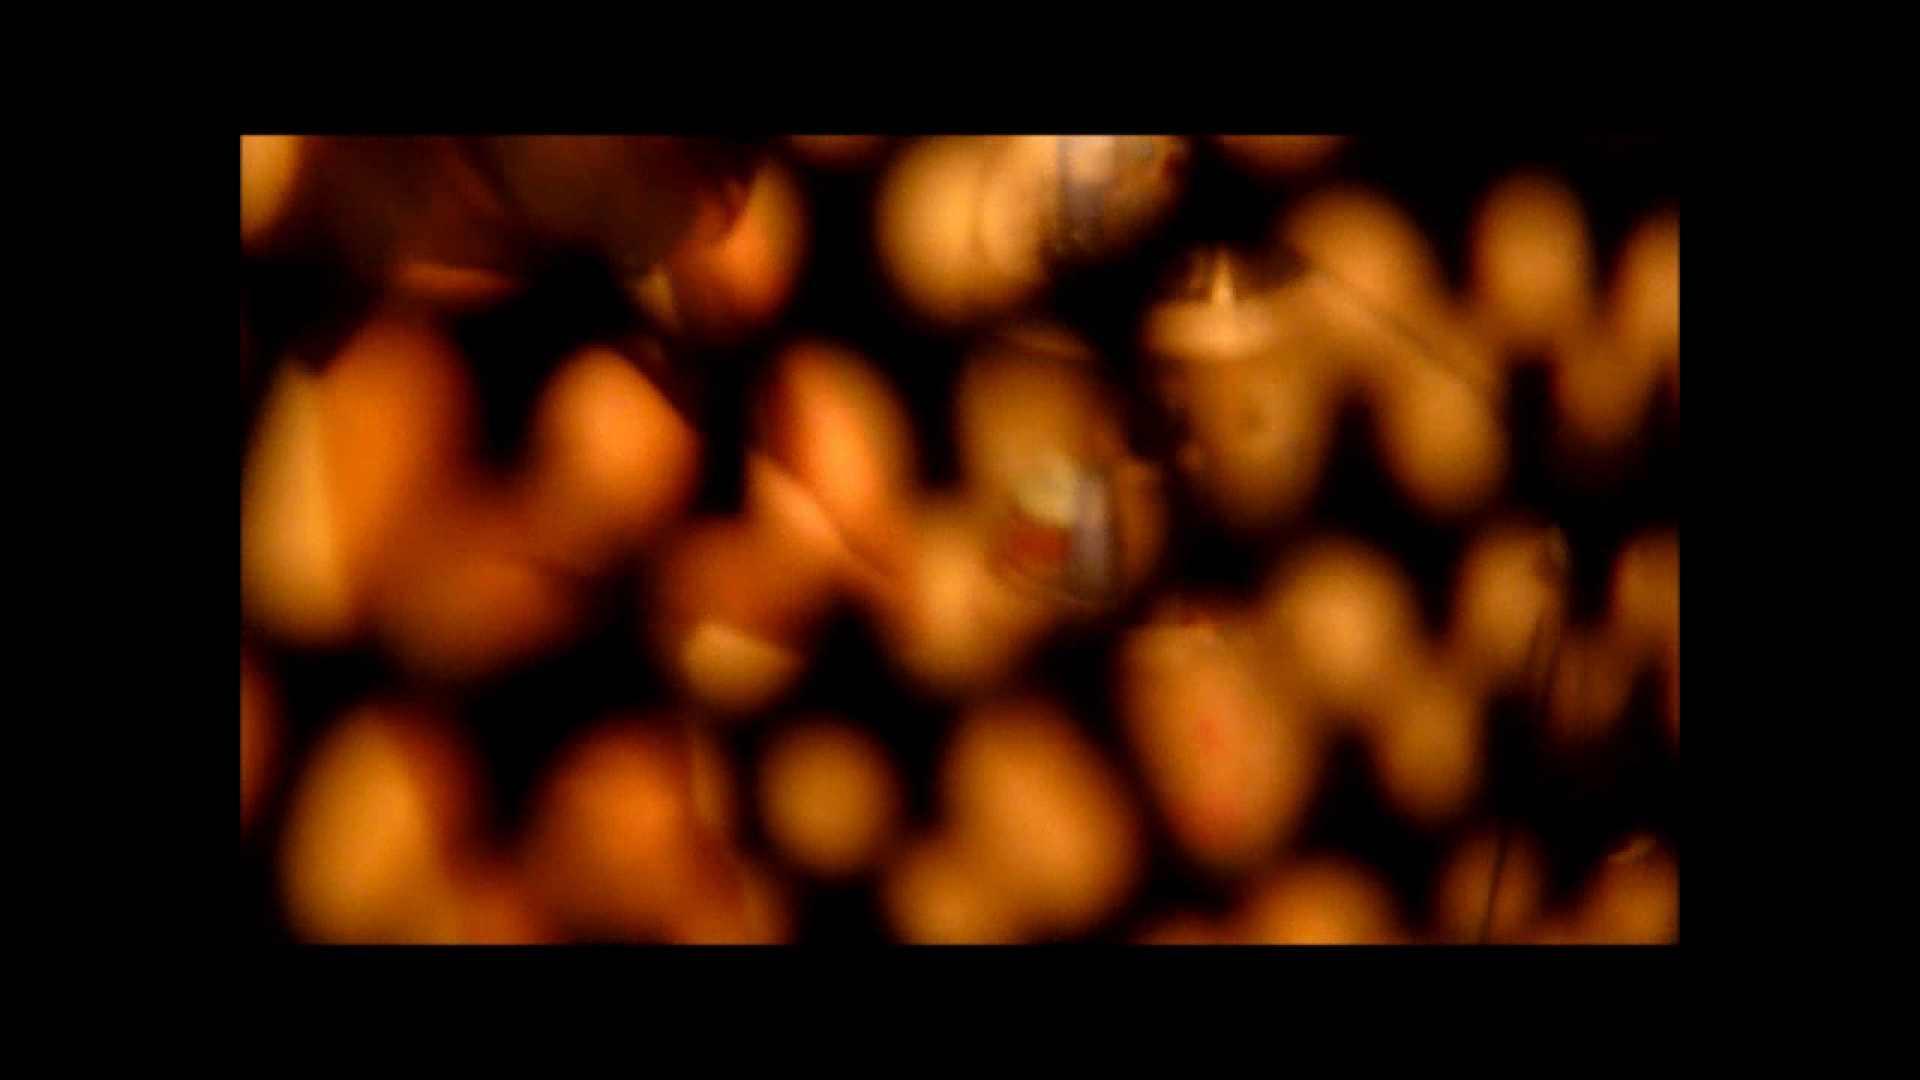 【02】ベランダに侵入して張り込みを始めて・・・やっと結果が出ました。 家宅侵入 | 0  82画像 23